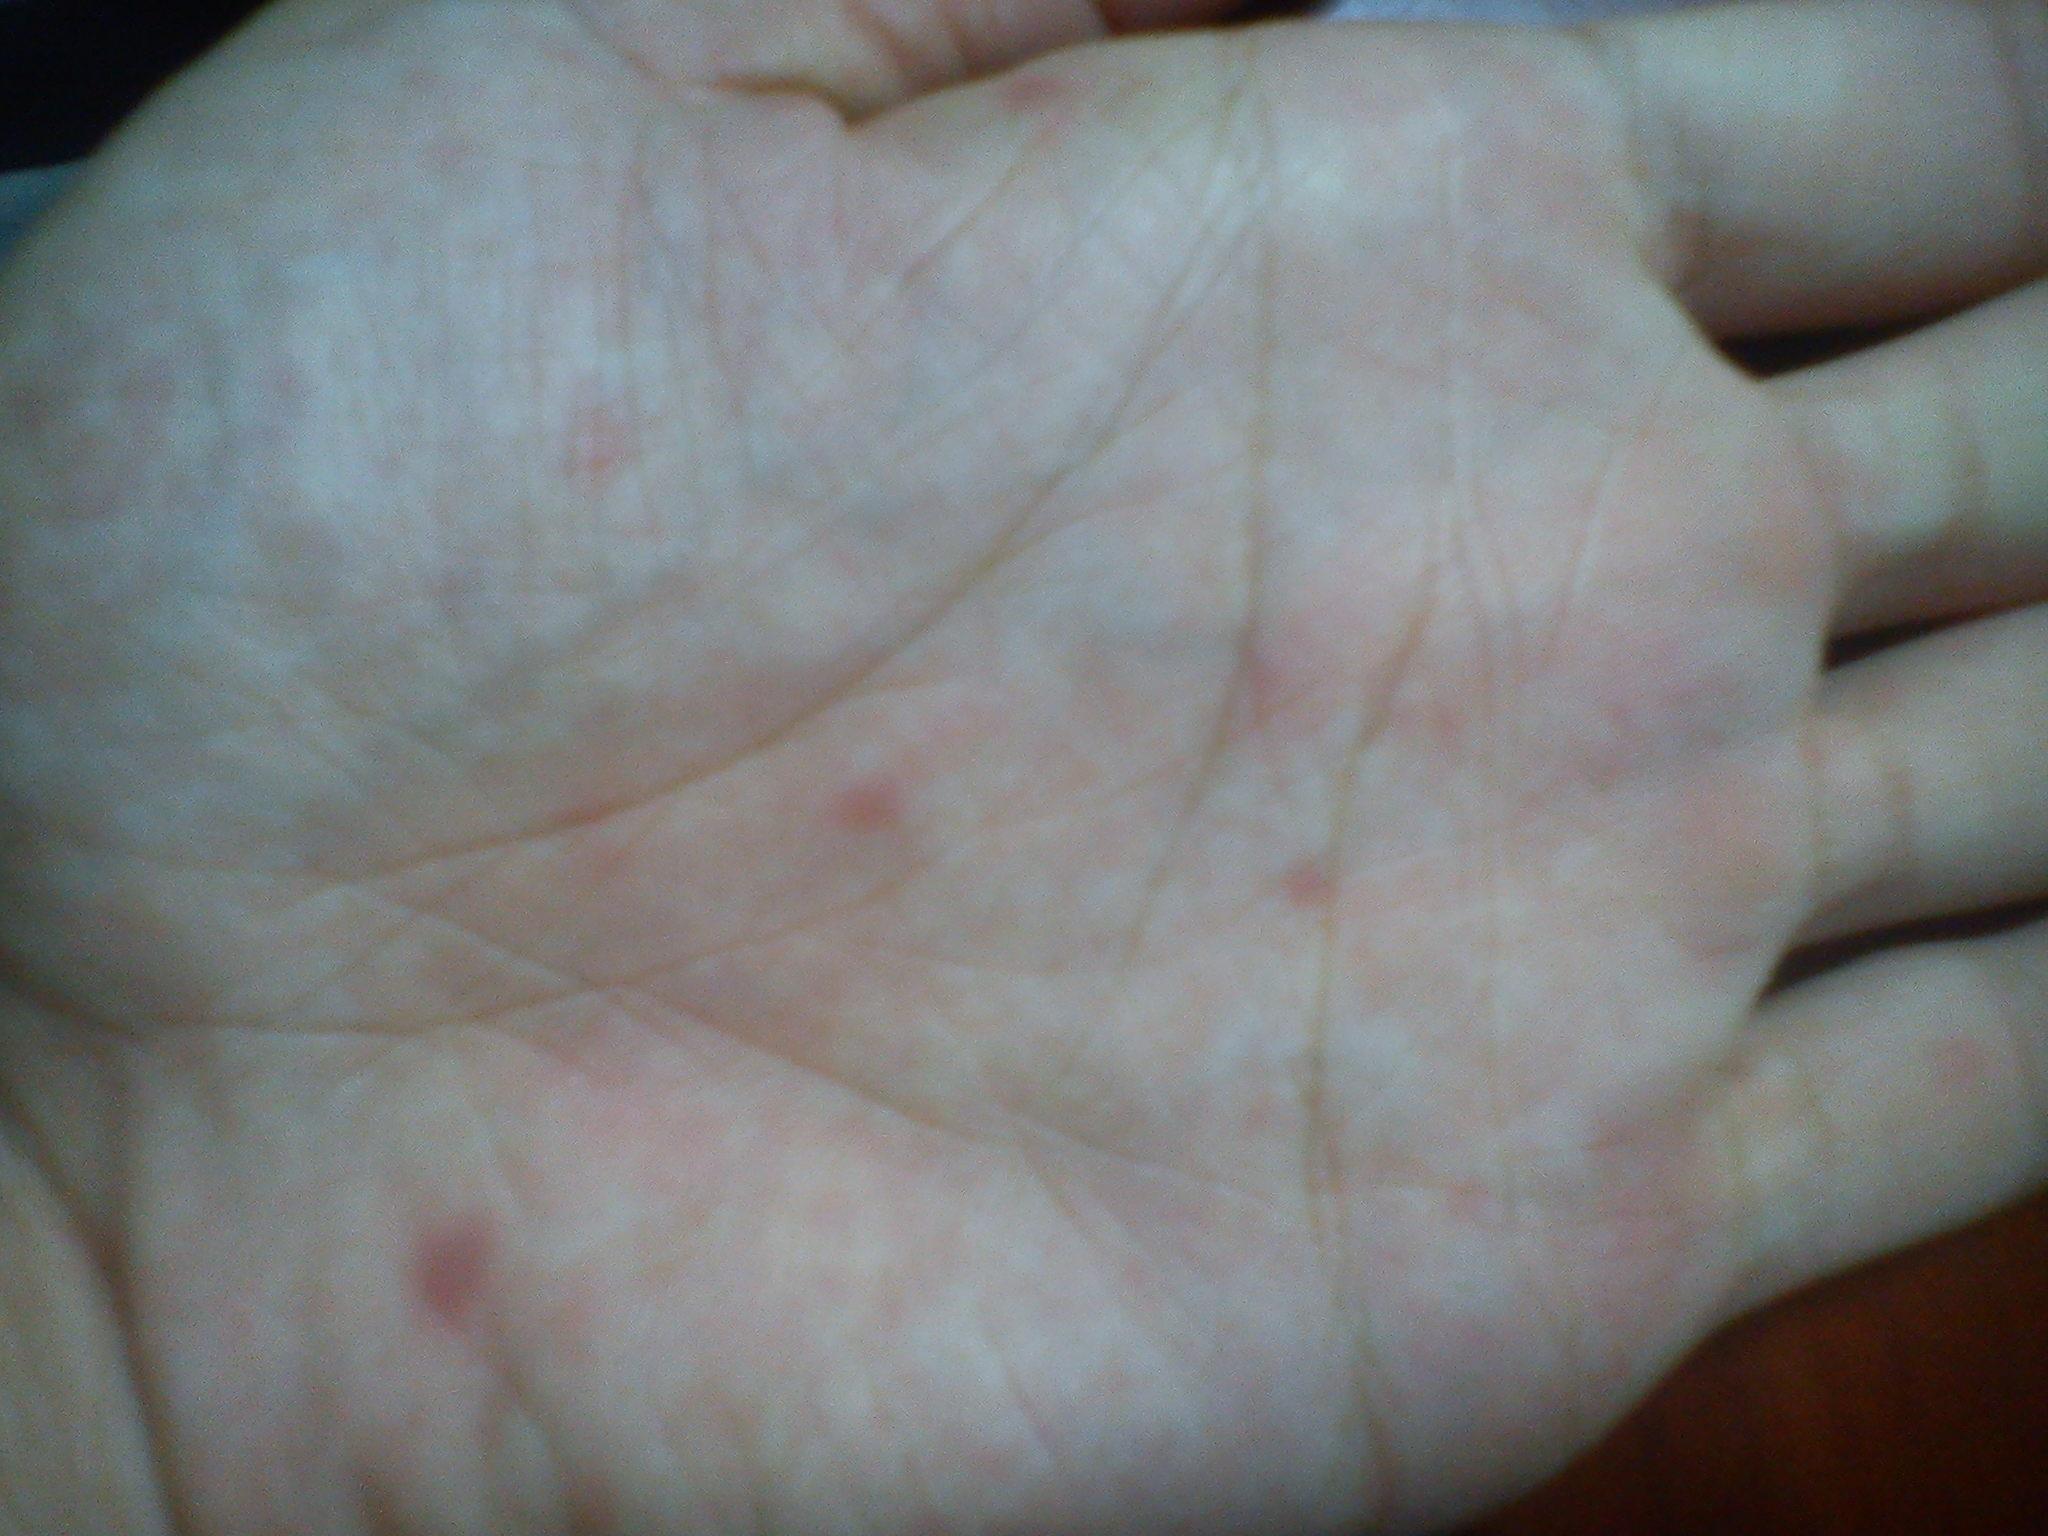 最近左右手掌里长了许多红点点,不痛不痒图片